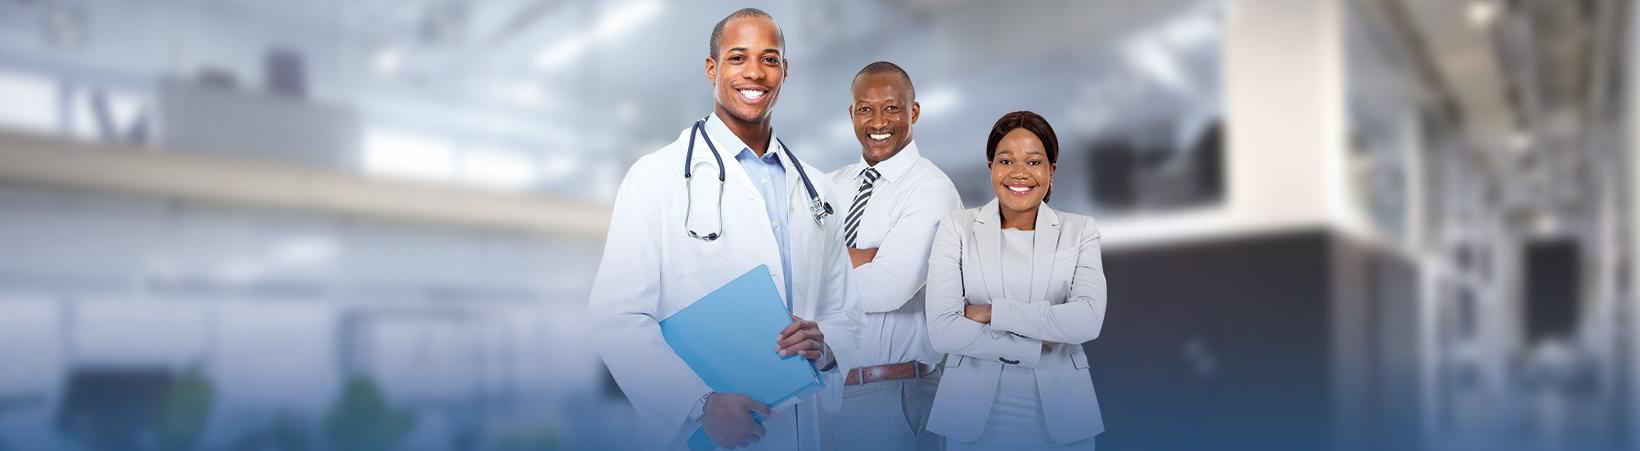 trois docteurs souriants en blouses blanches - Assurance santé - Atlantique assurances bénin